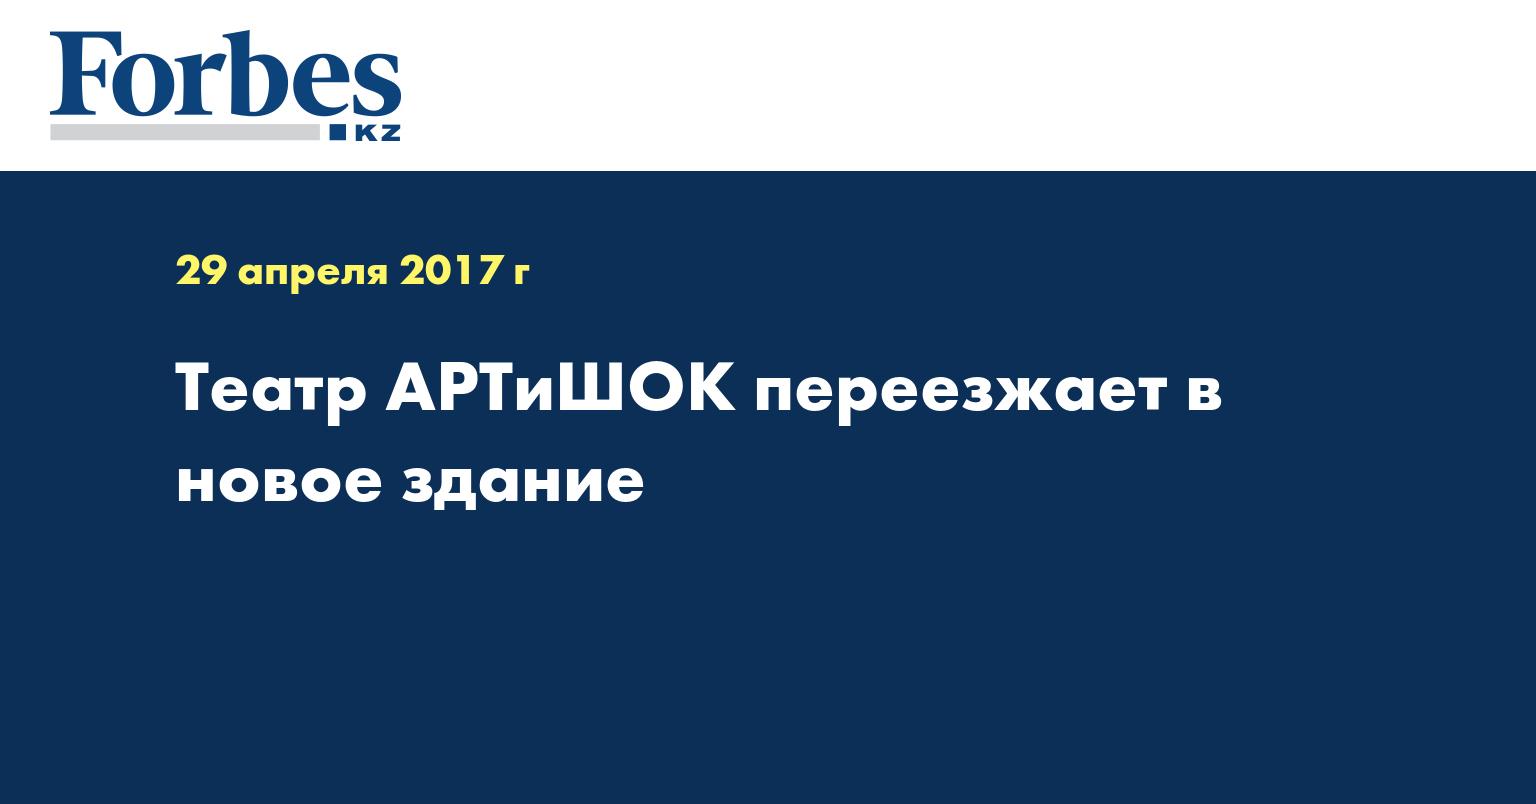 Театр АРТиШОК переезжает в новое здание